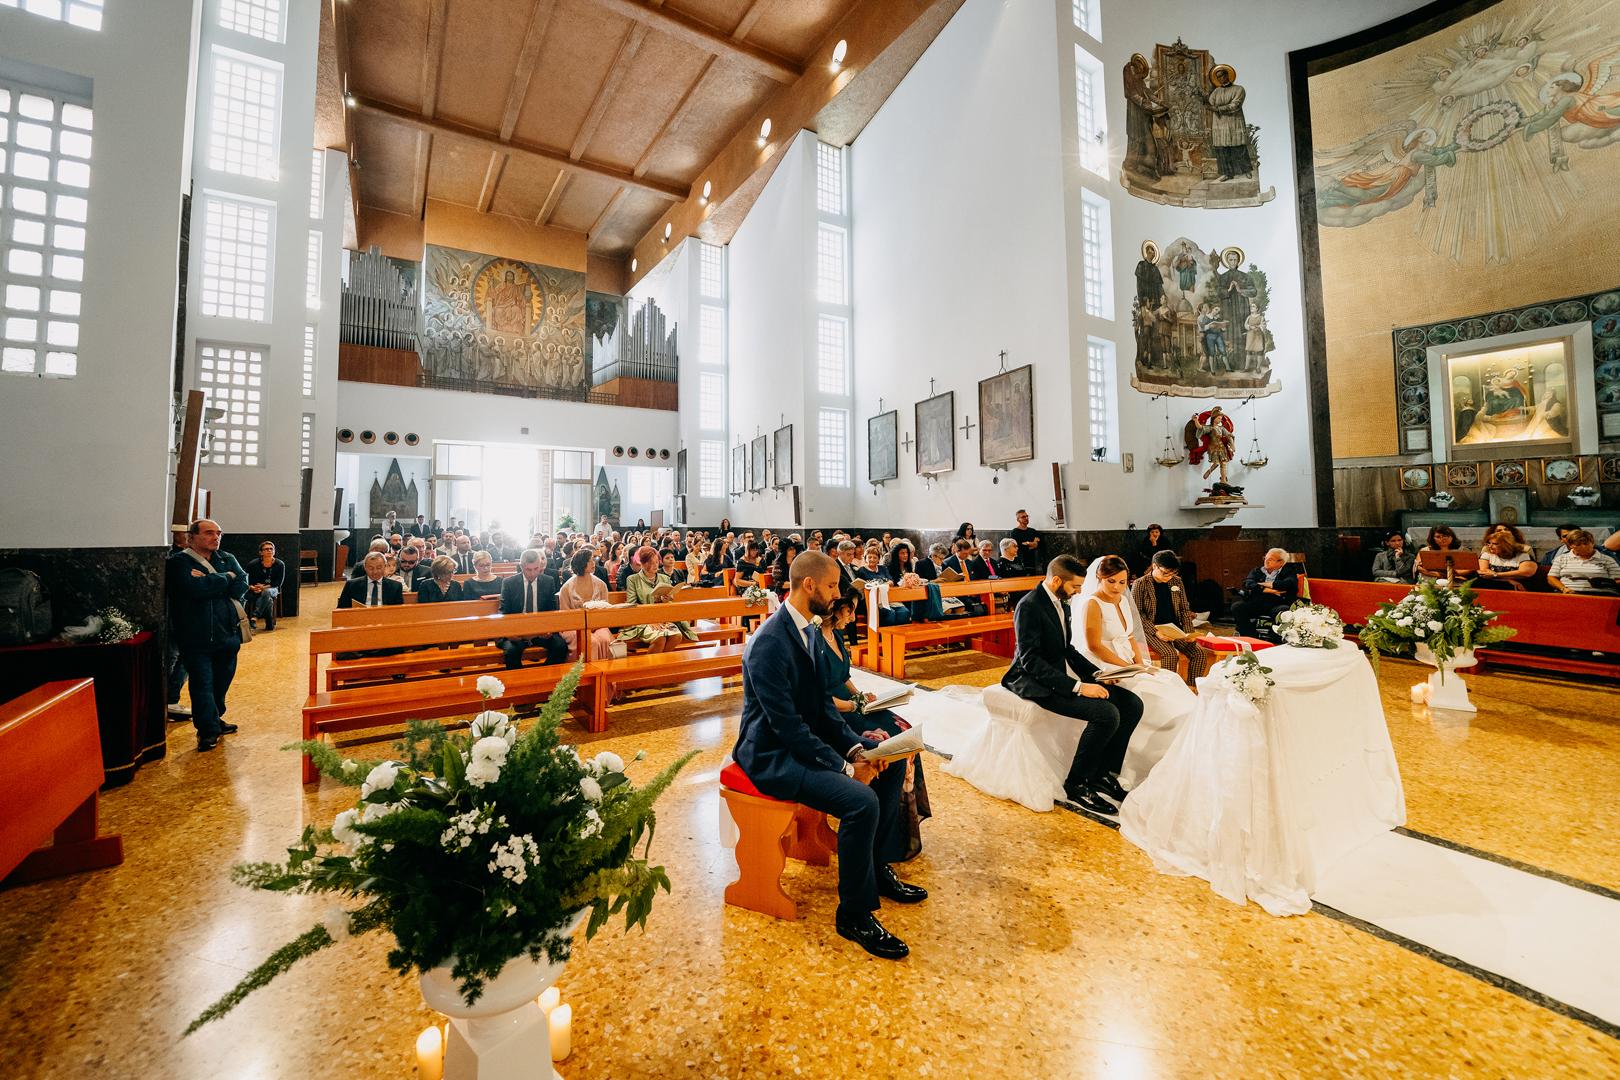 31 gianni-lepore-matrimonio-chiesa-foggia-testimoni